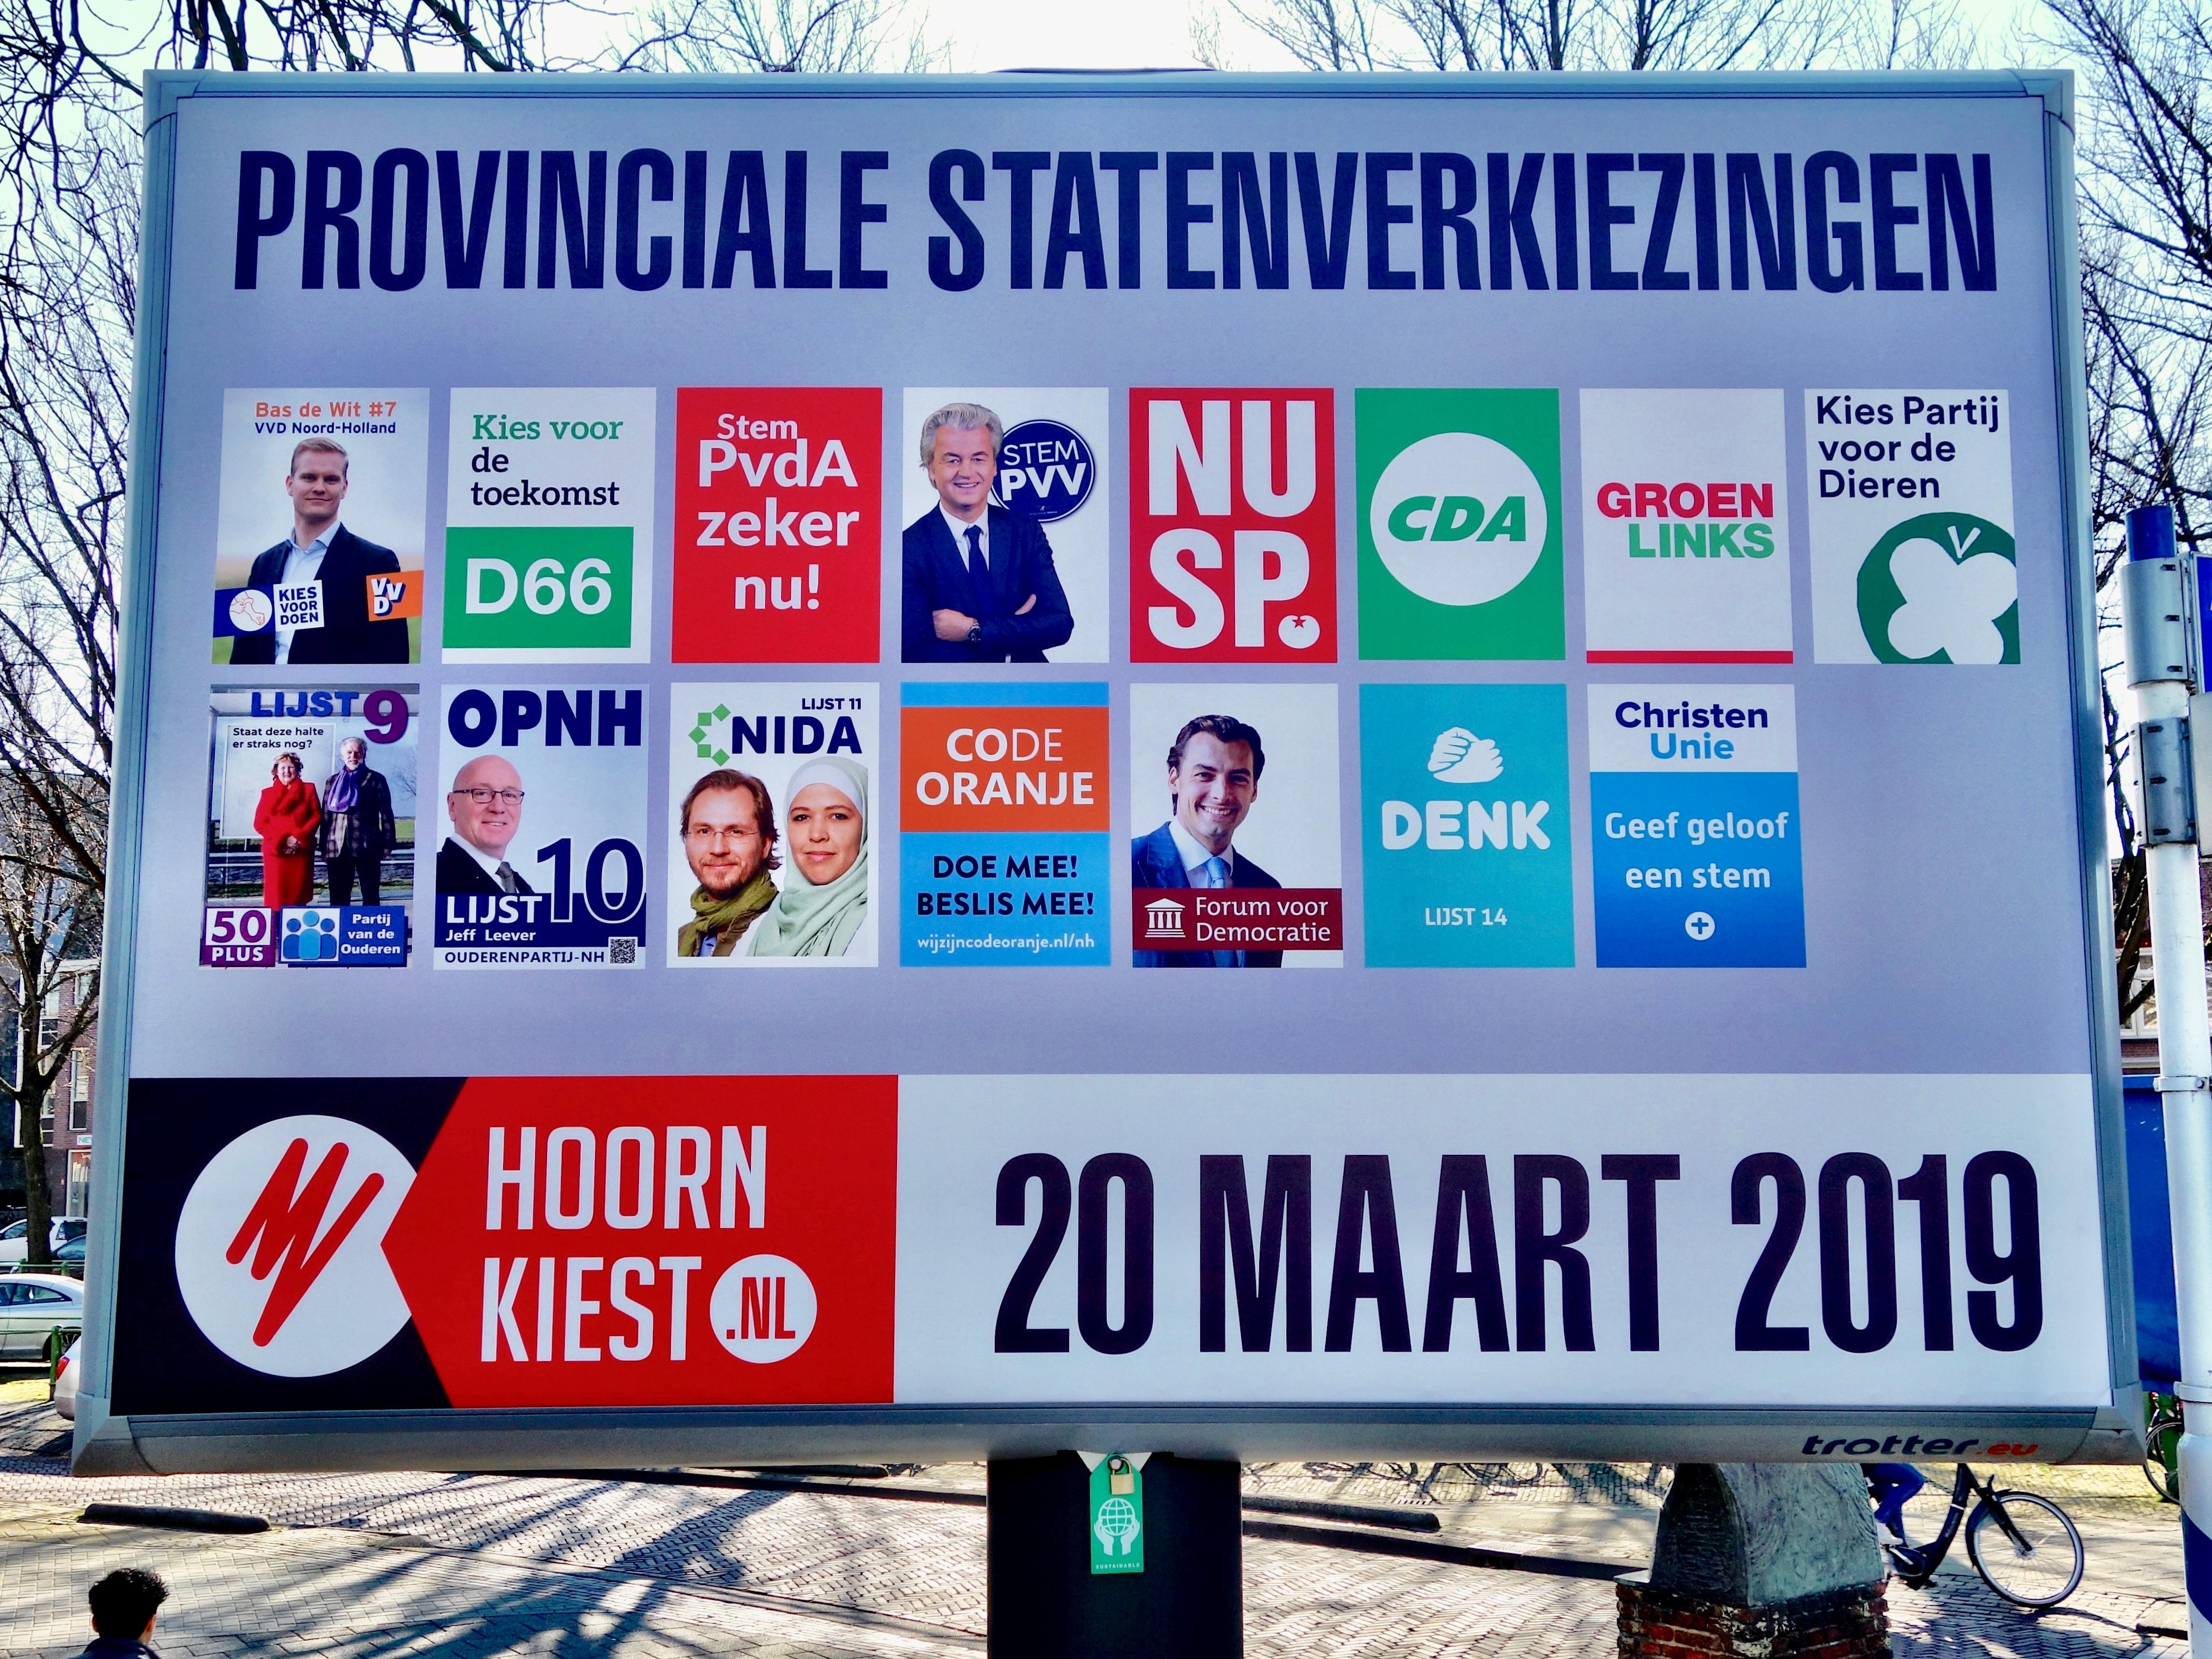 Duwen en trekken voor een plek in Provinciale Staten: West-Friese kandidaten op een rij